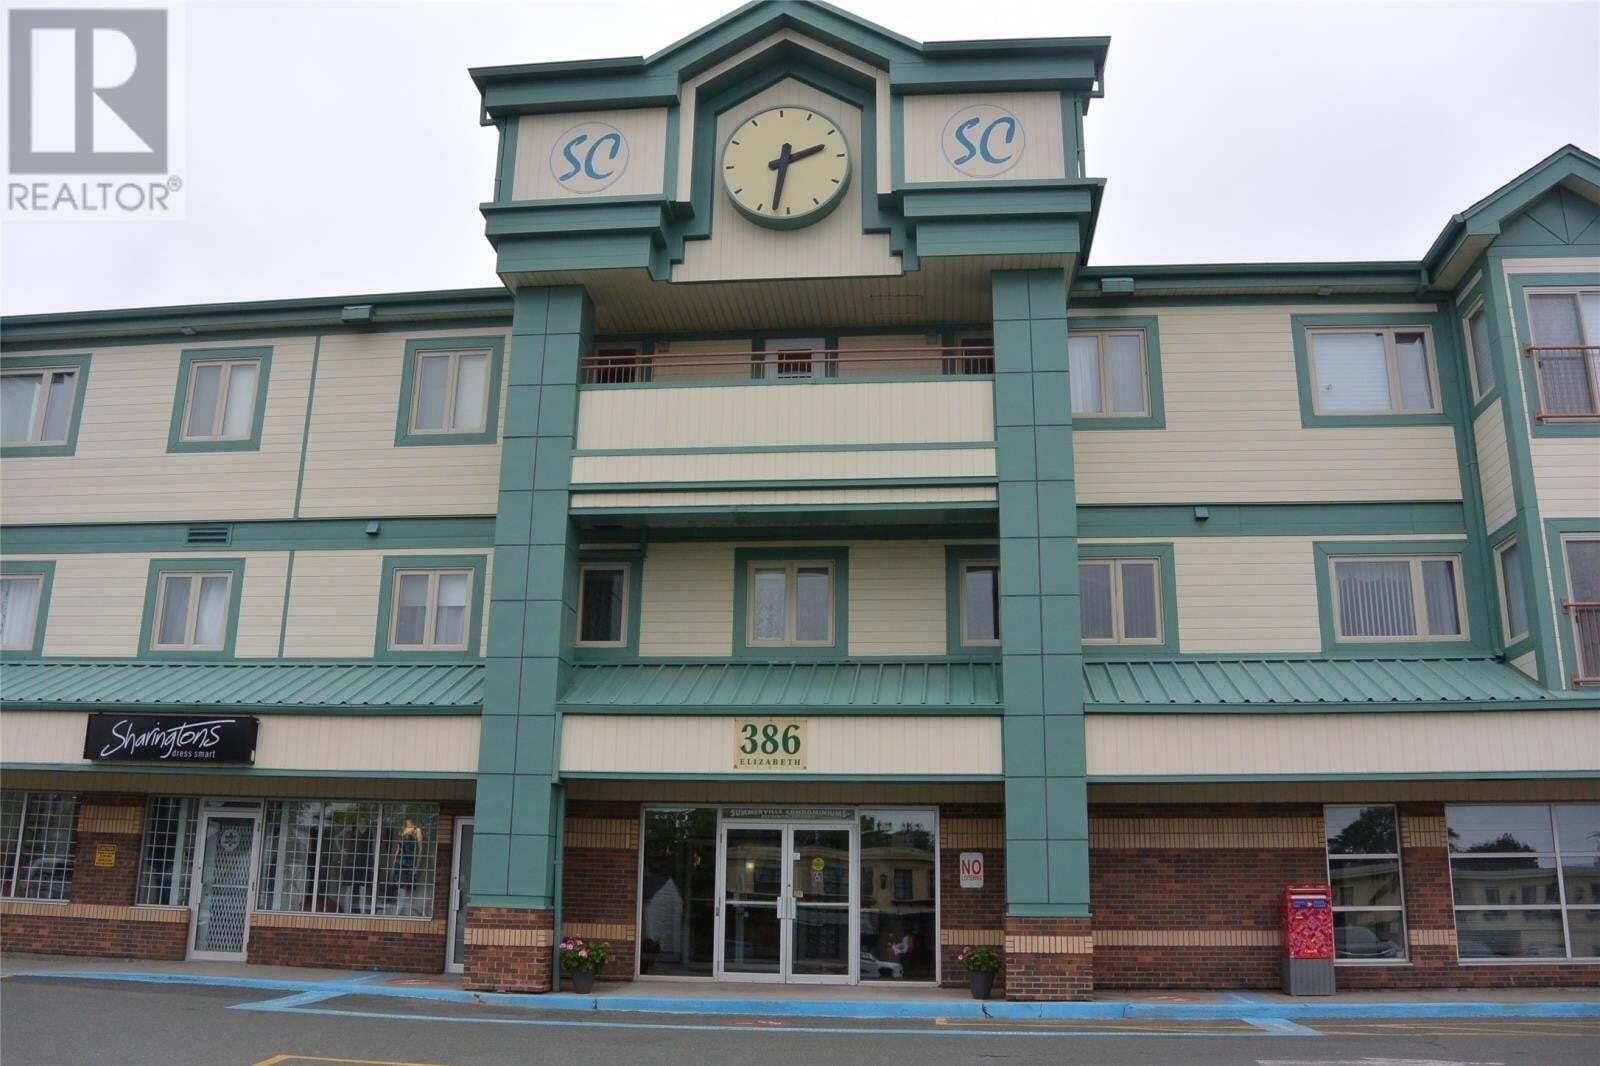 House for sale at 386 Elizabeth Ave St. John's Newfoundland - MLS: 1217376